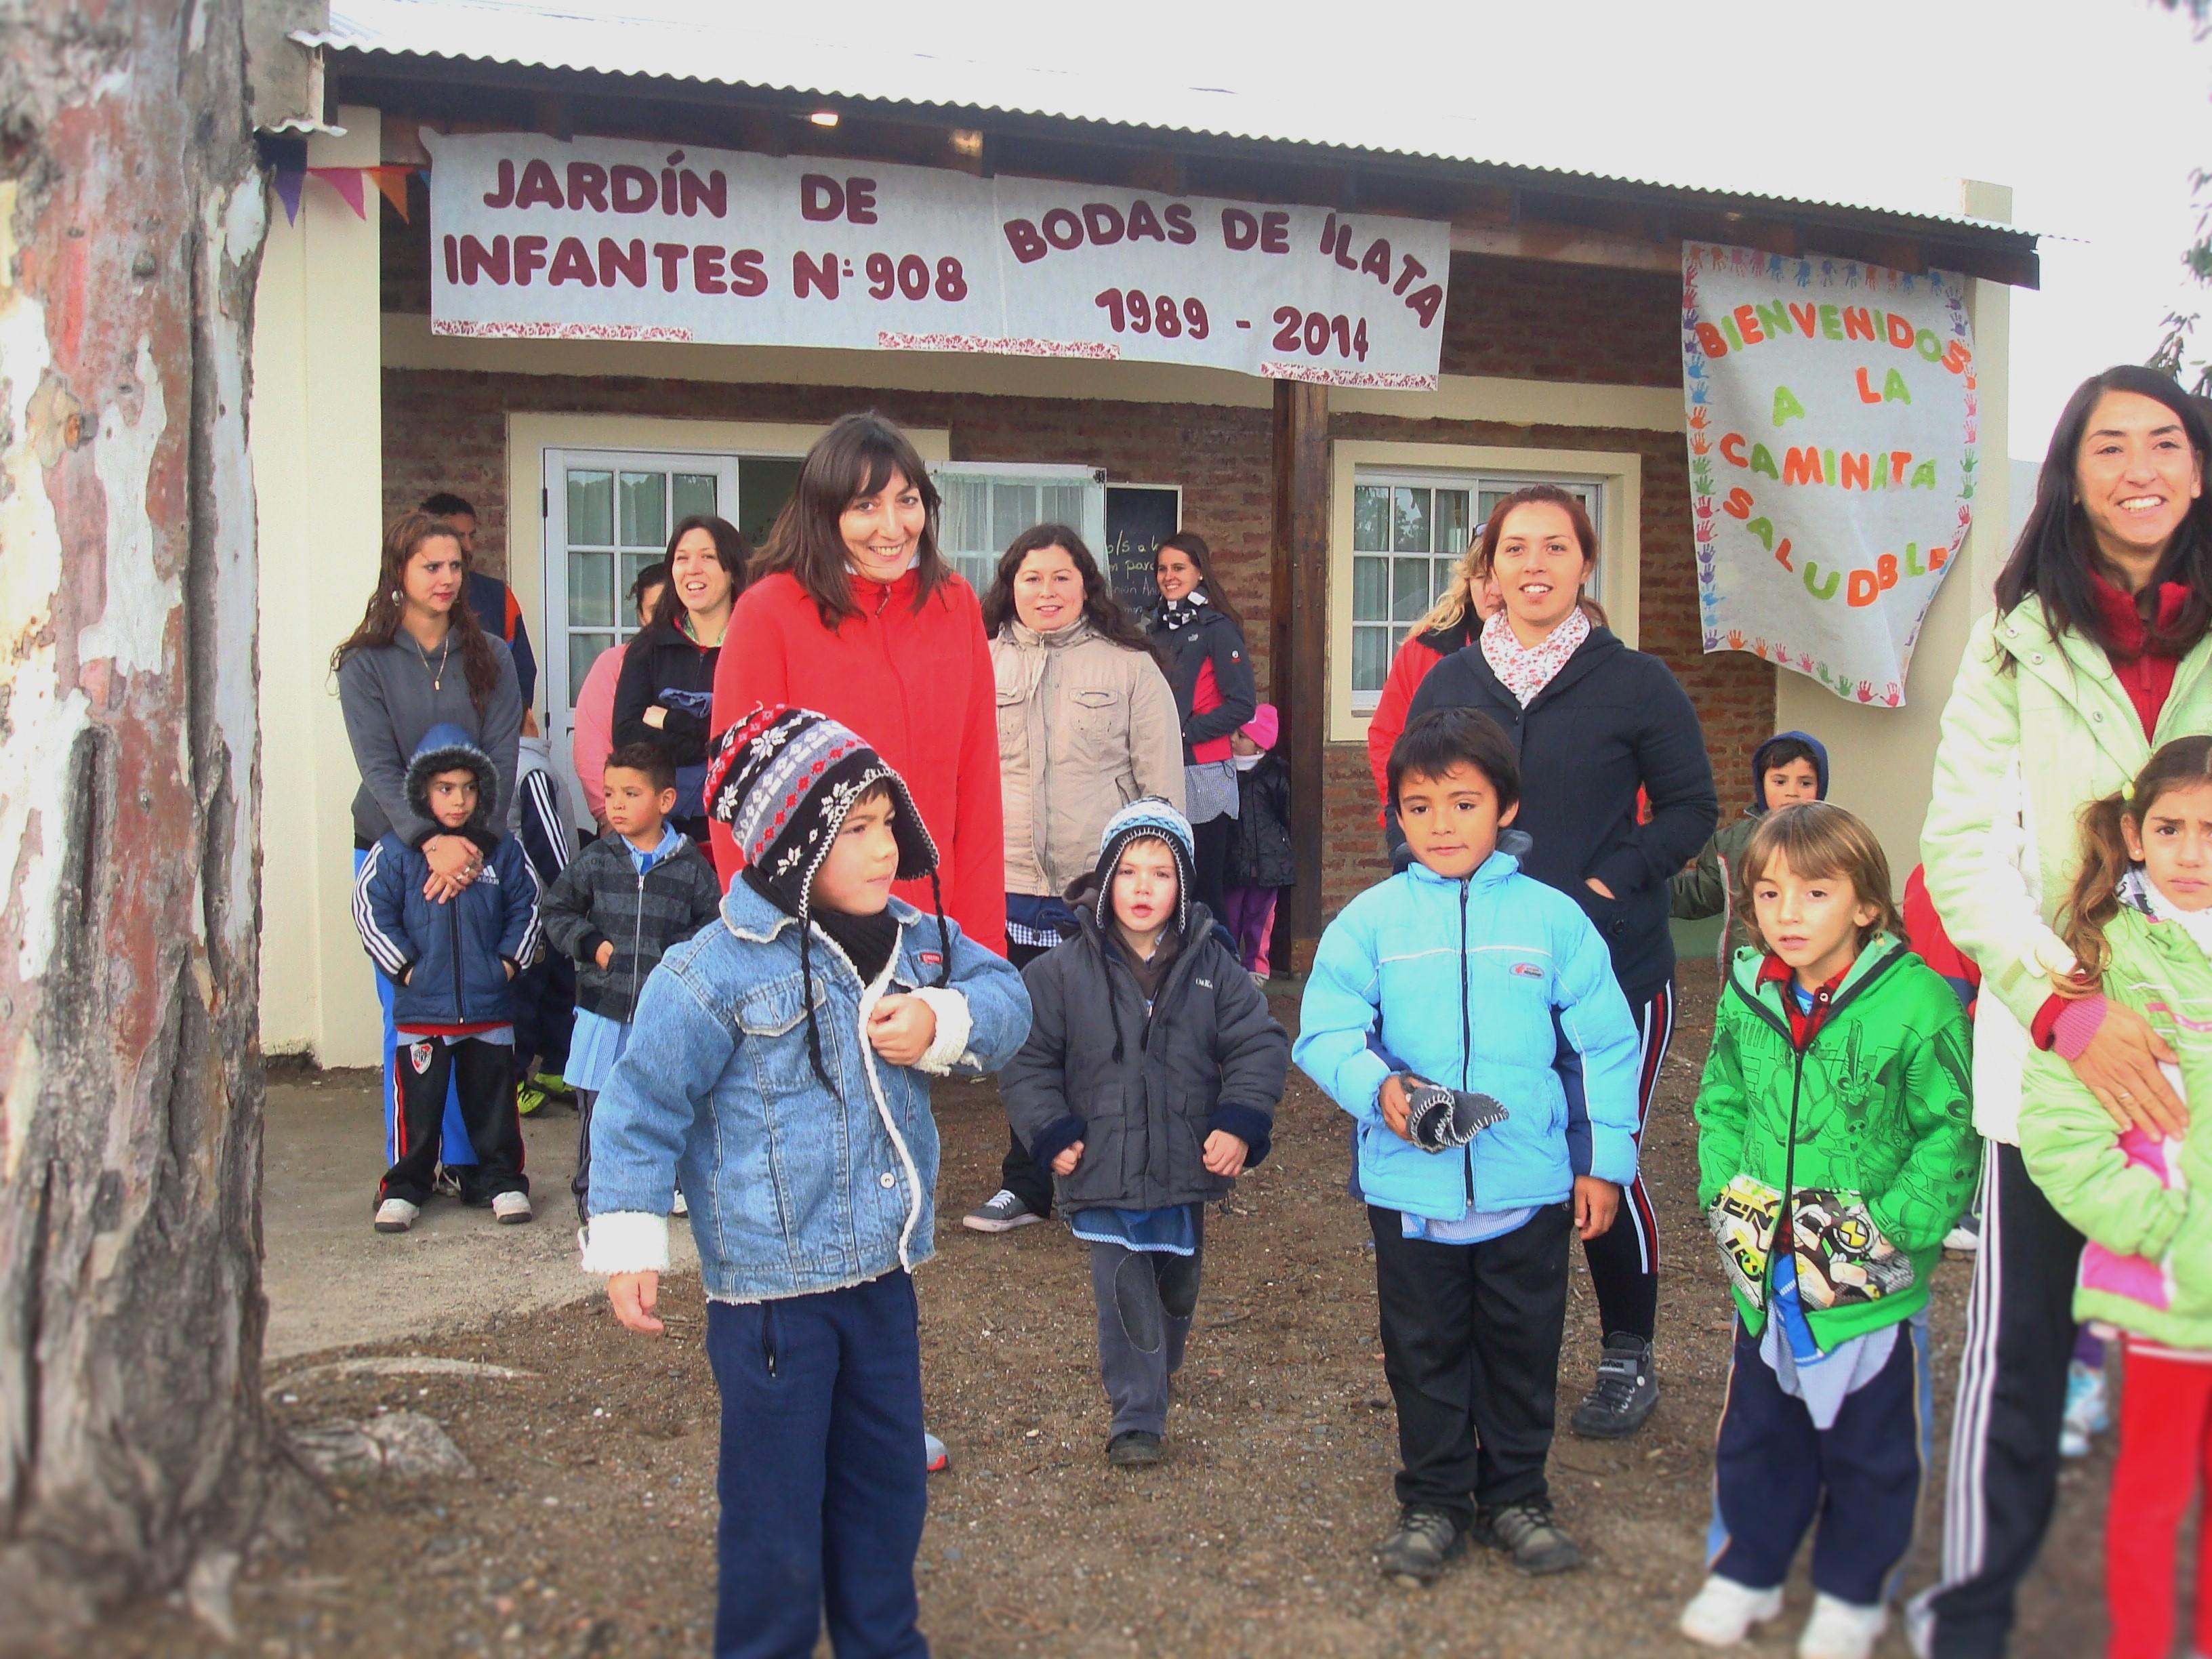 Noticias-chivilcoy-14marzo2016 - Día de las Escuelas de frontera. Sin límites para enseñar y aprender 2